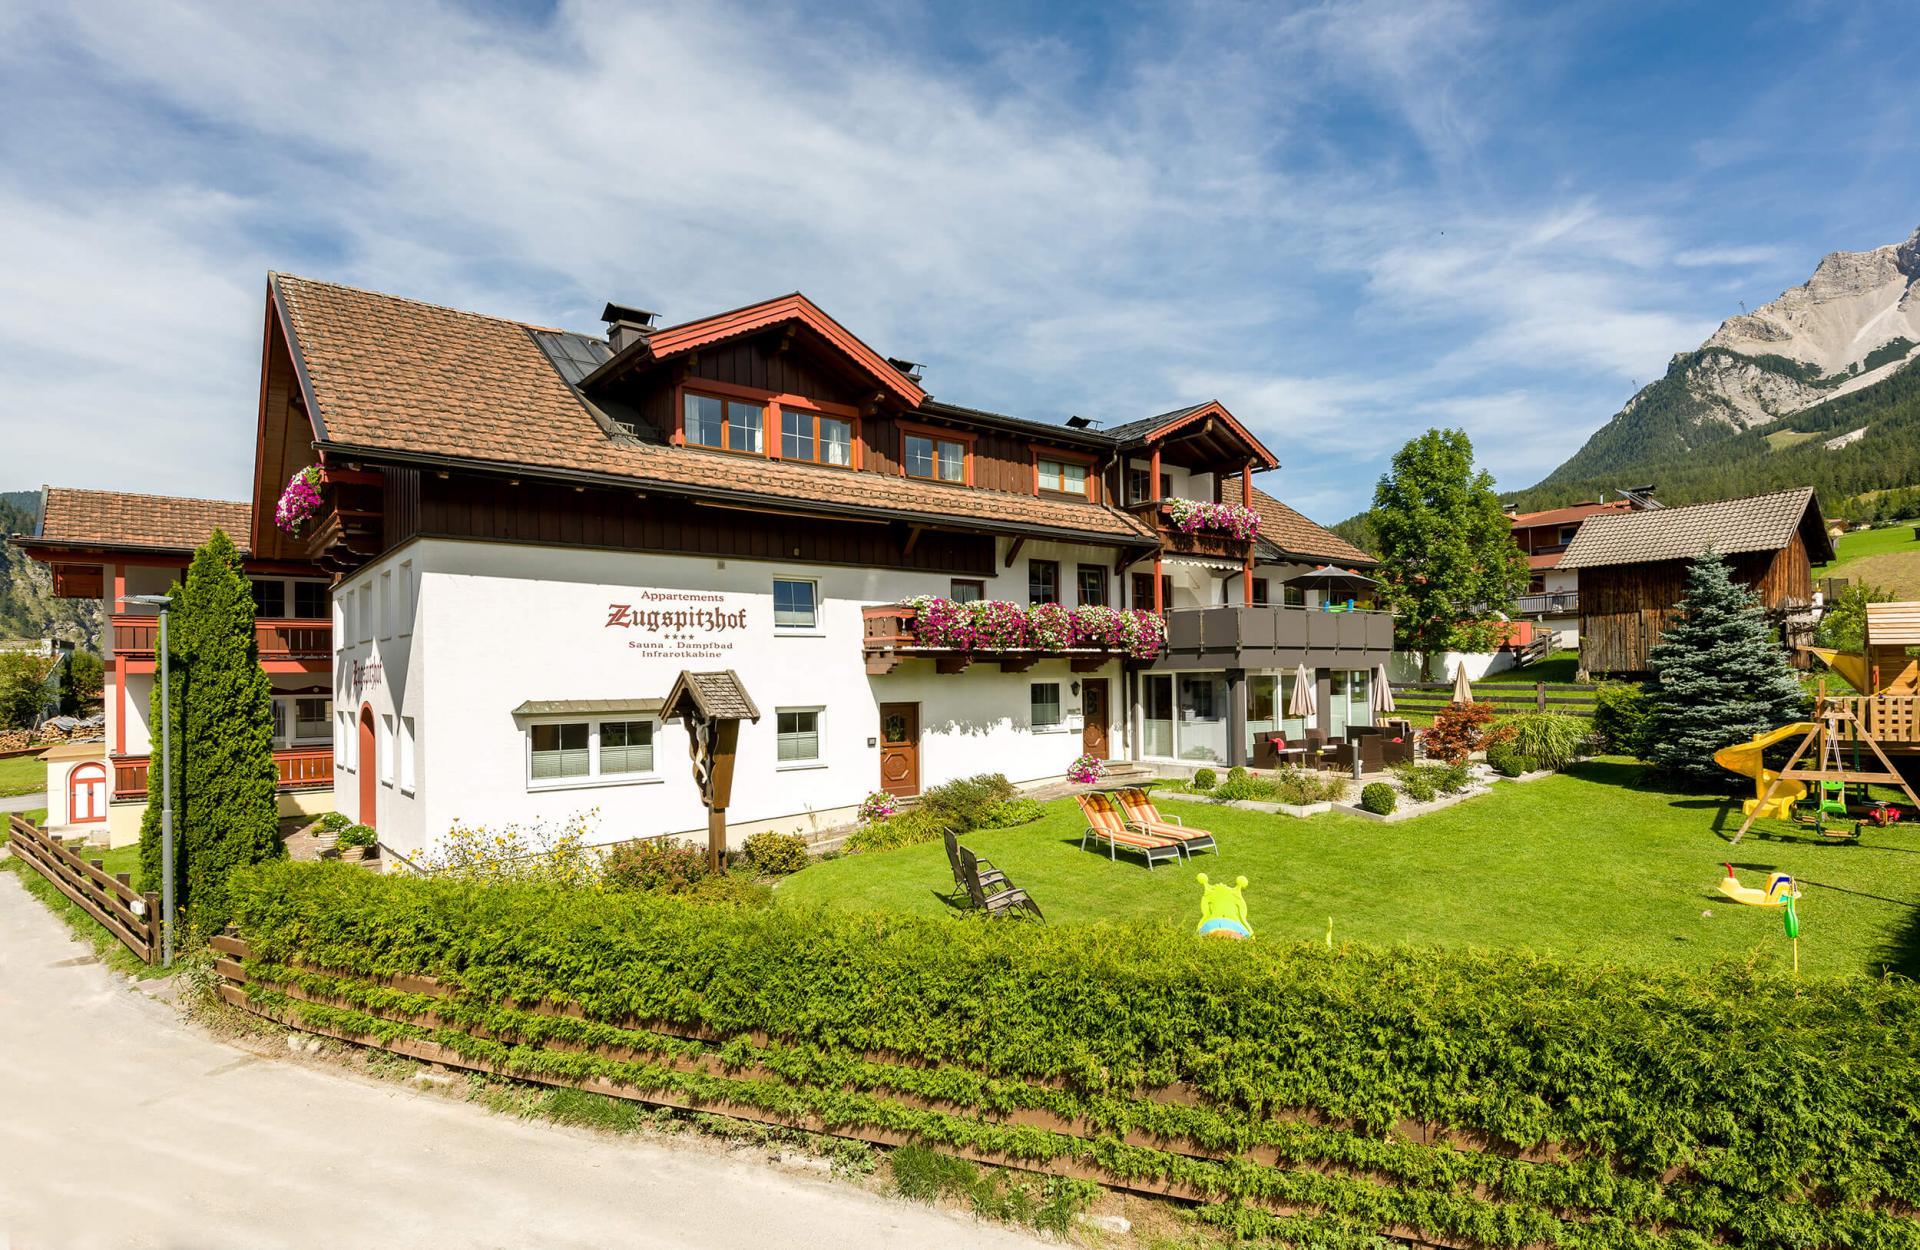 4 Sterne Zugspitzhof Ehrwald #Willkommen#Bildergalerie